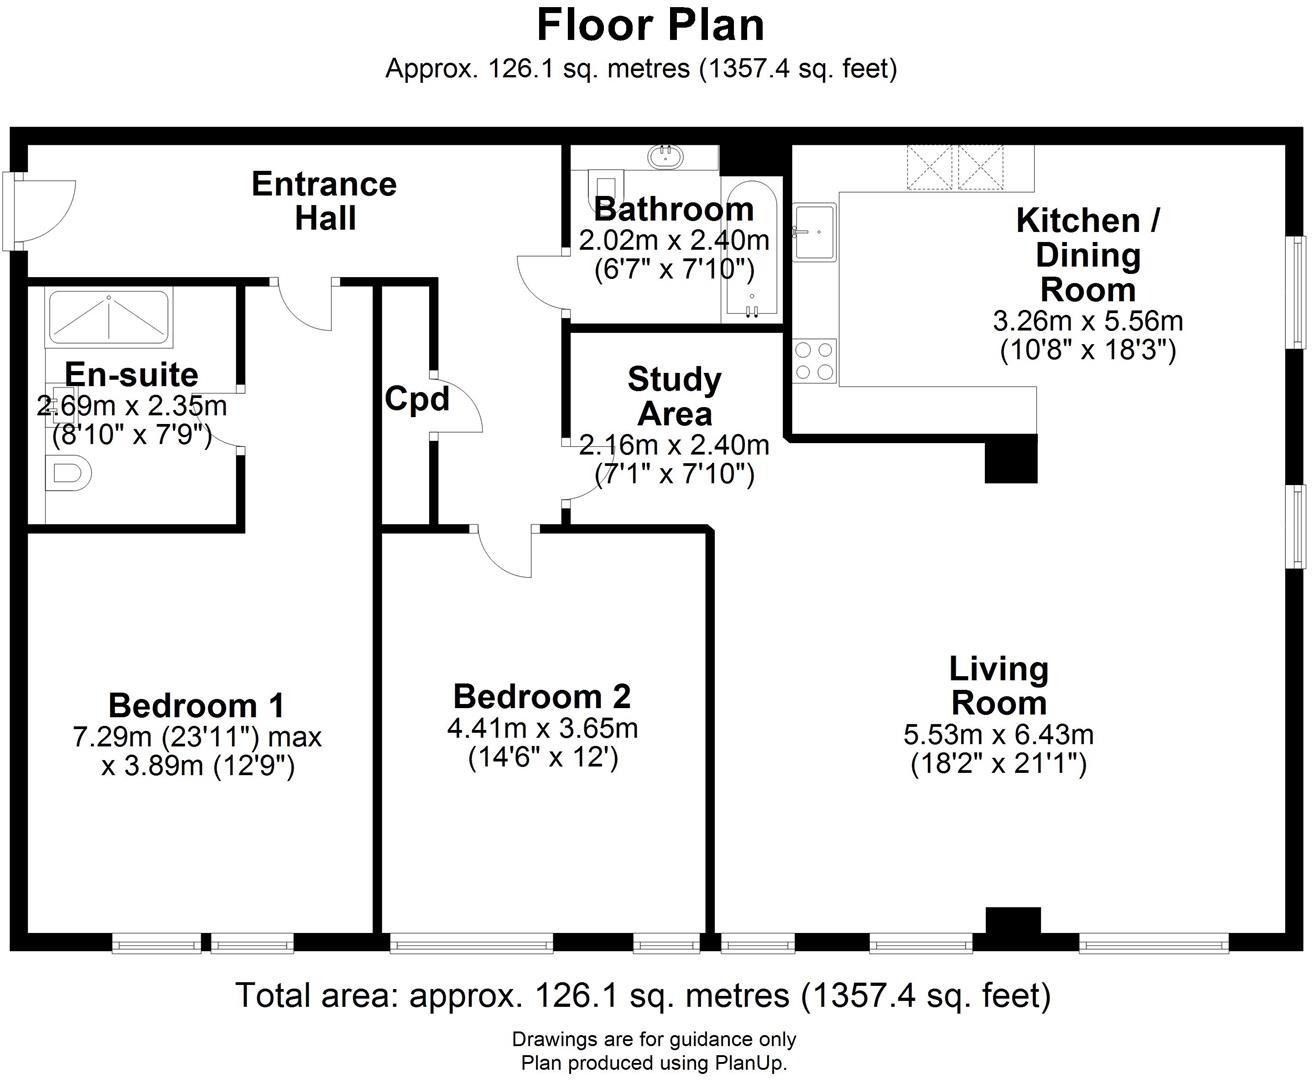 Floor plan 143 Hills Road, Cambridge